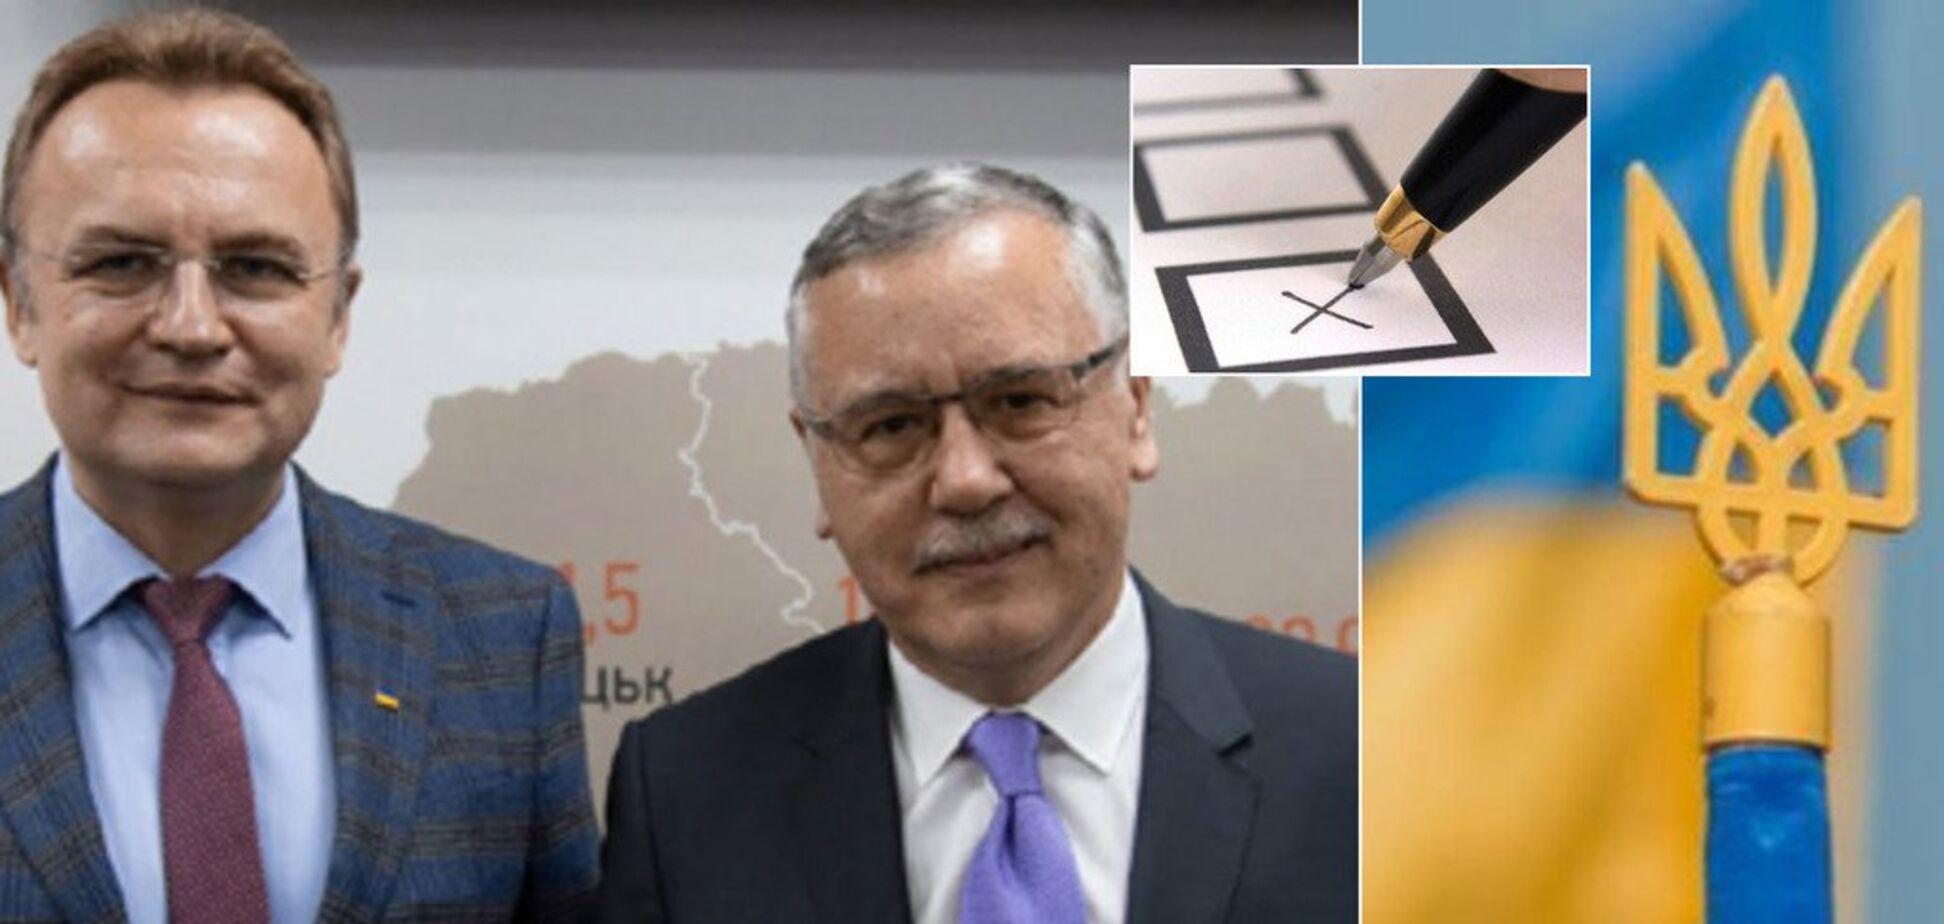 Выборы президента Украины: Садовый снял свою кандидатуру в пользу Гриценко